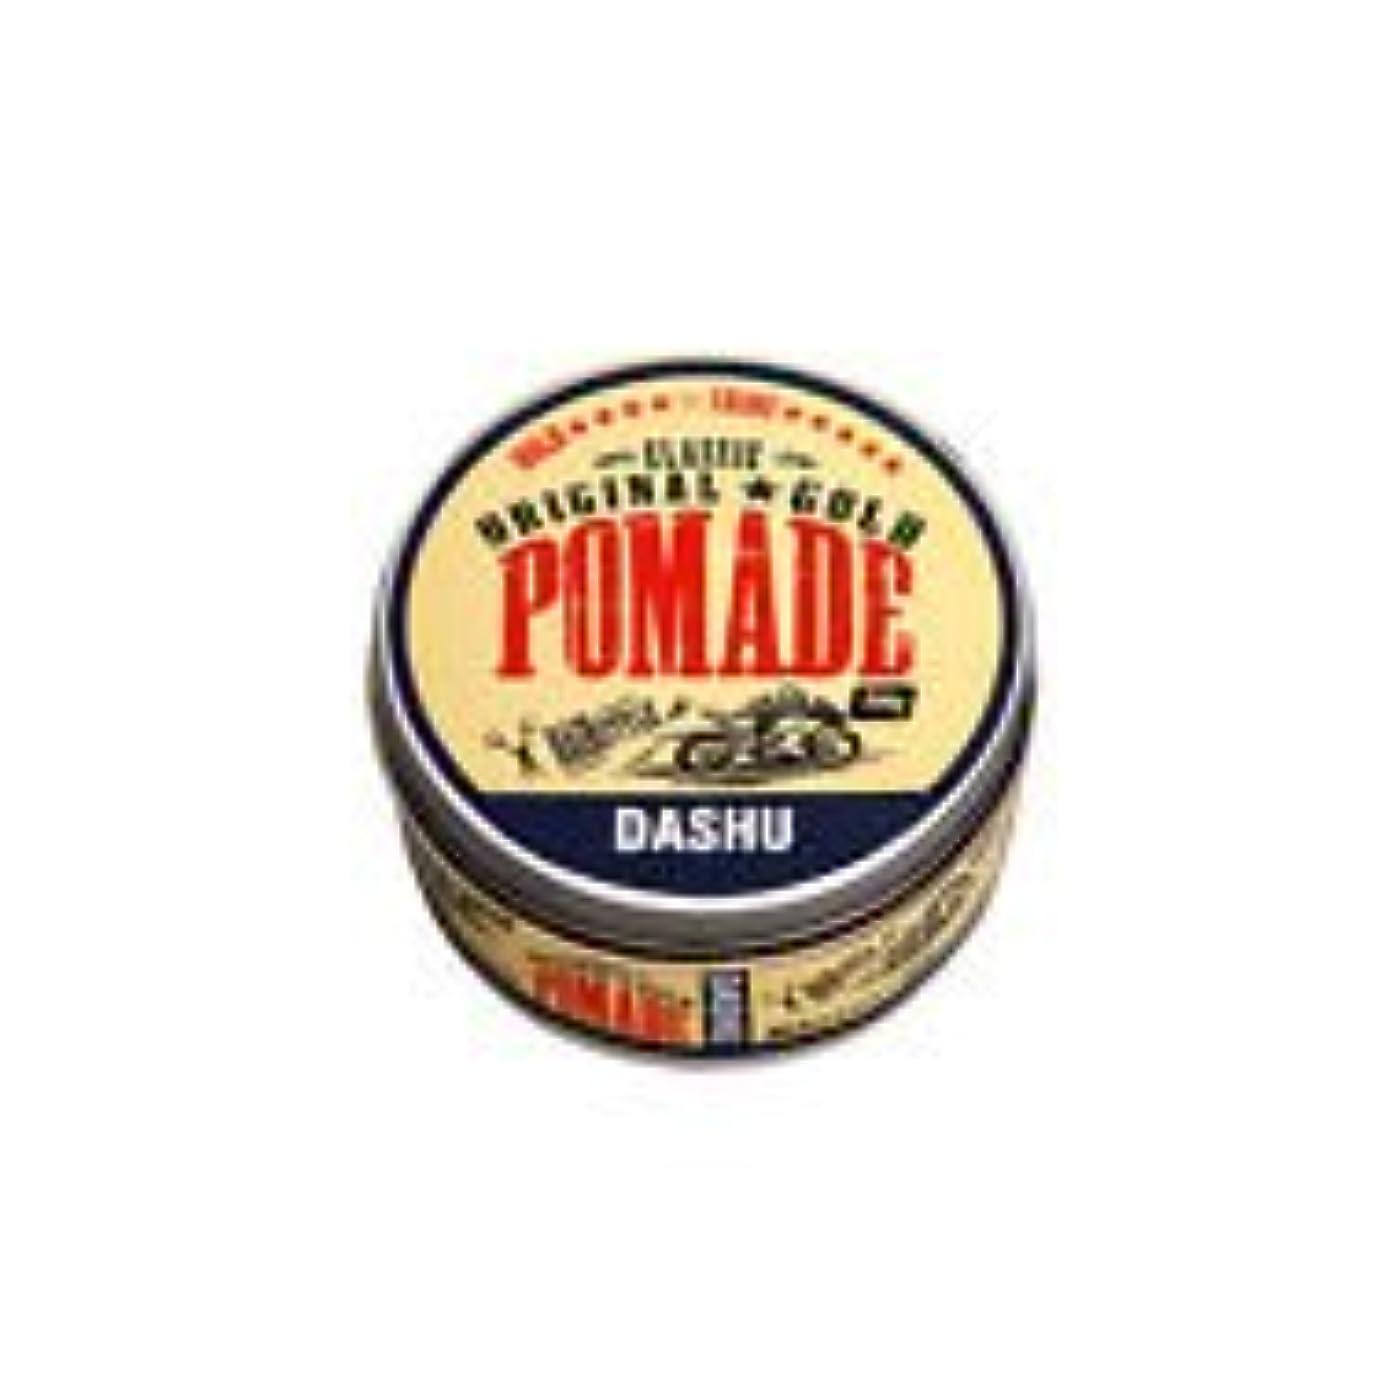 ワードローブホイットニー拡声器[DASHU] ダシュ クラシックオリジナルゴールドポマードヘアワックス Classic Original Gold Pomade Hair Wax 100ml / 韓国製 . 韓国直送品